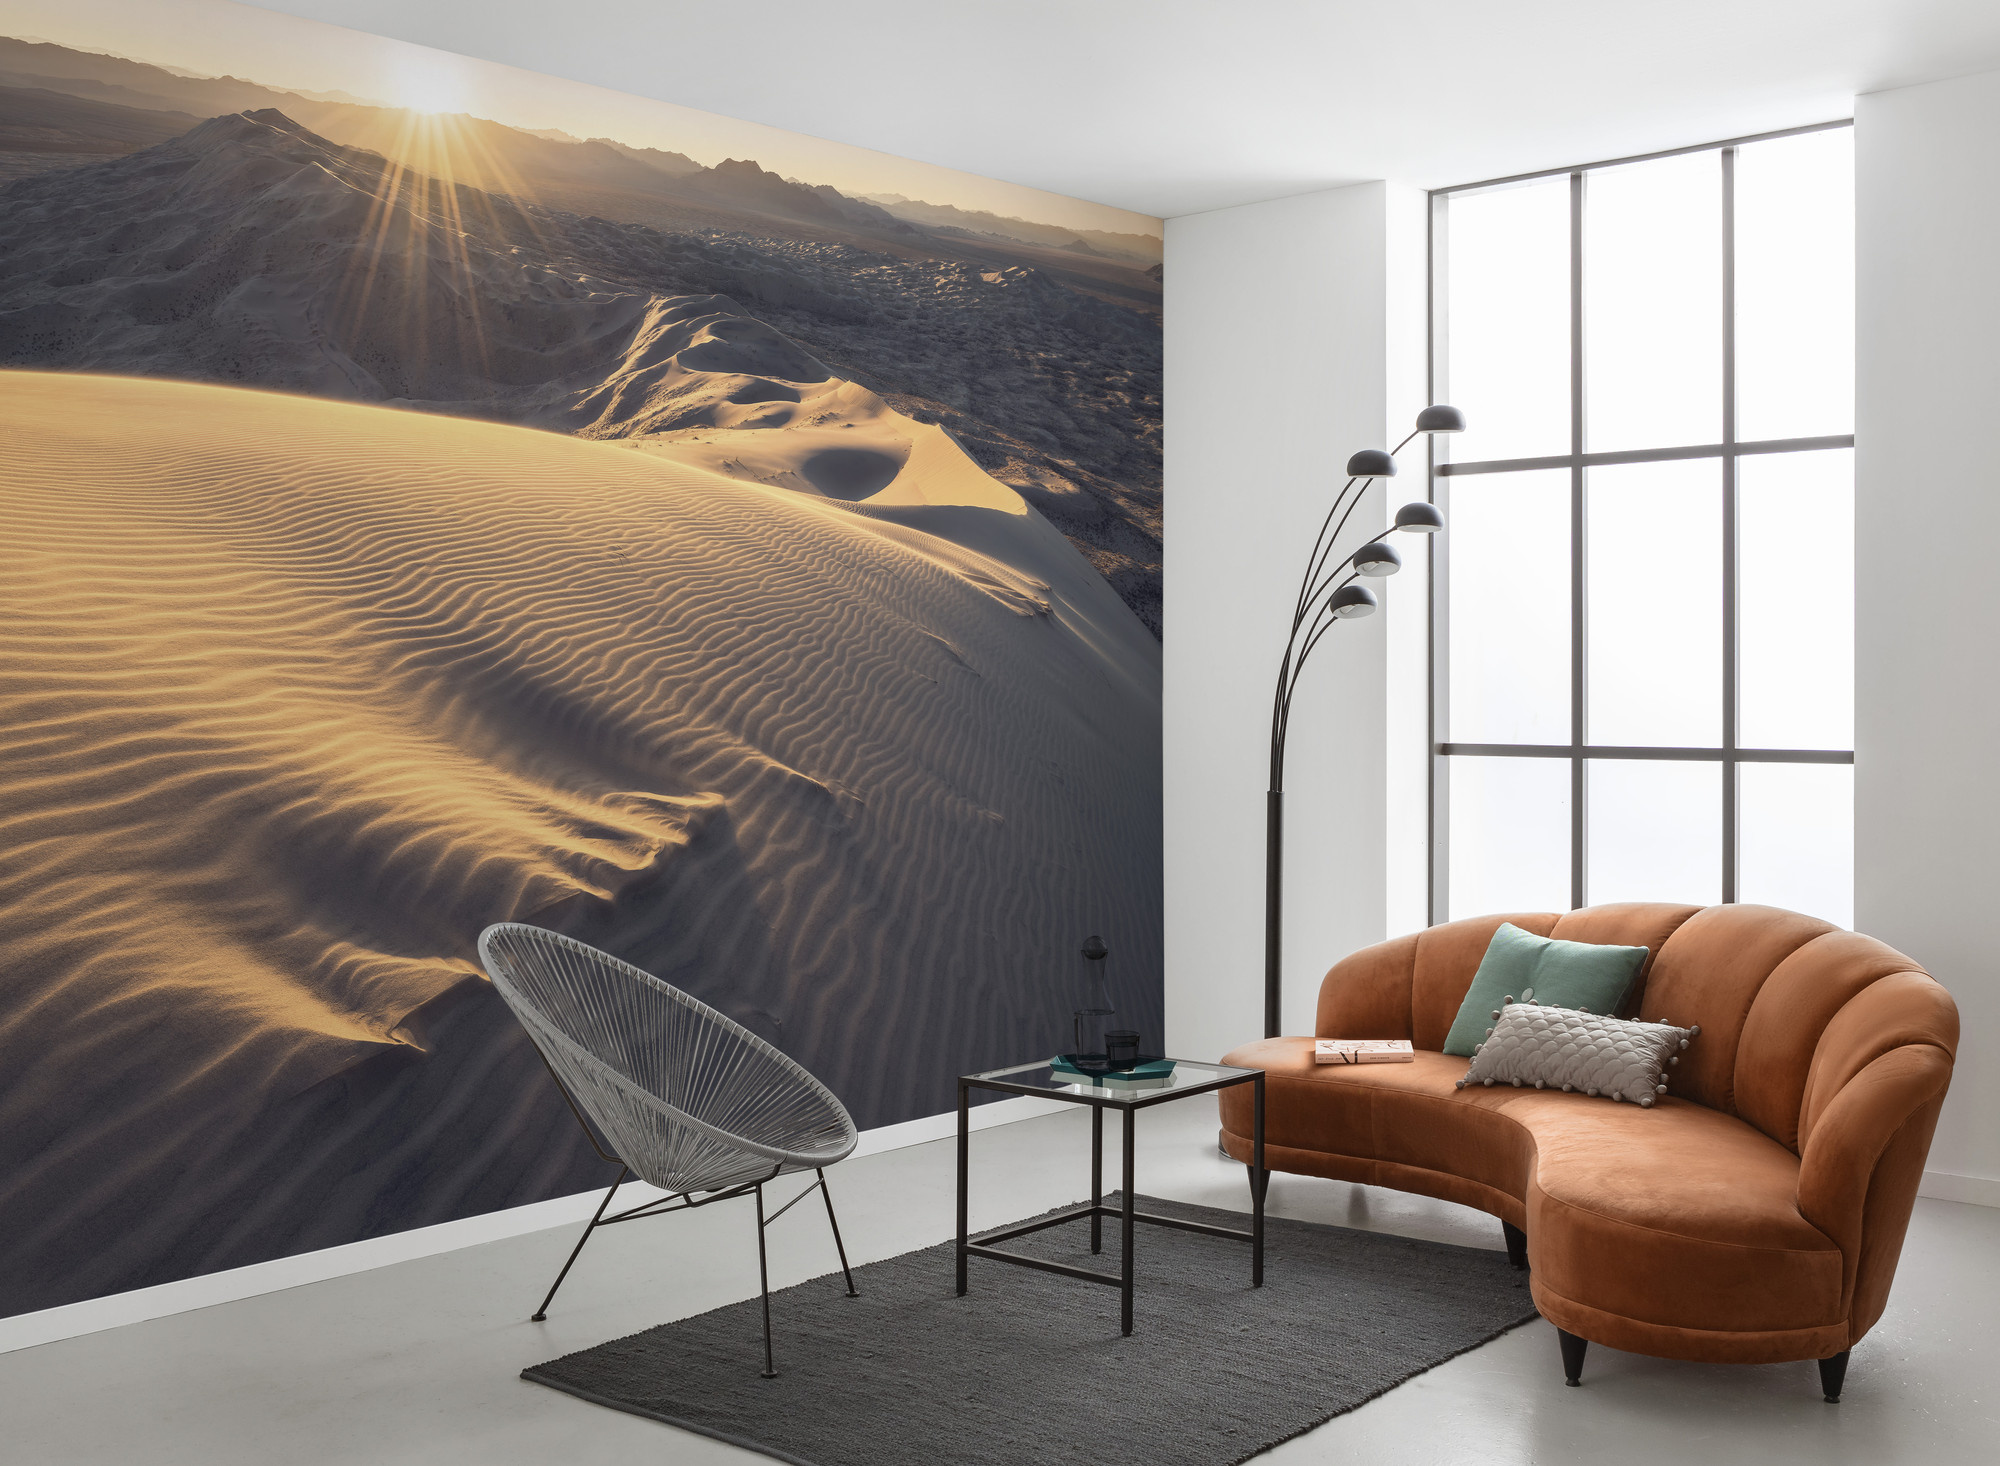 Stefan Hefele Edition 2 Fotobehang Komar - Natuur behang MOJAVE HEIGHTS